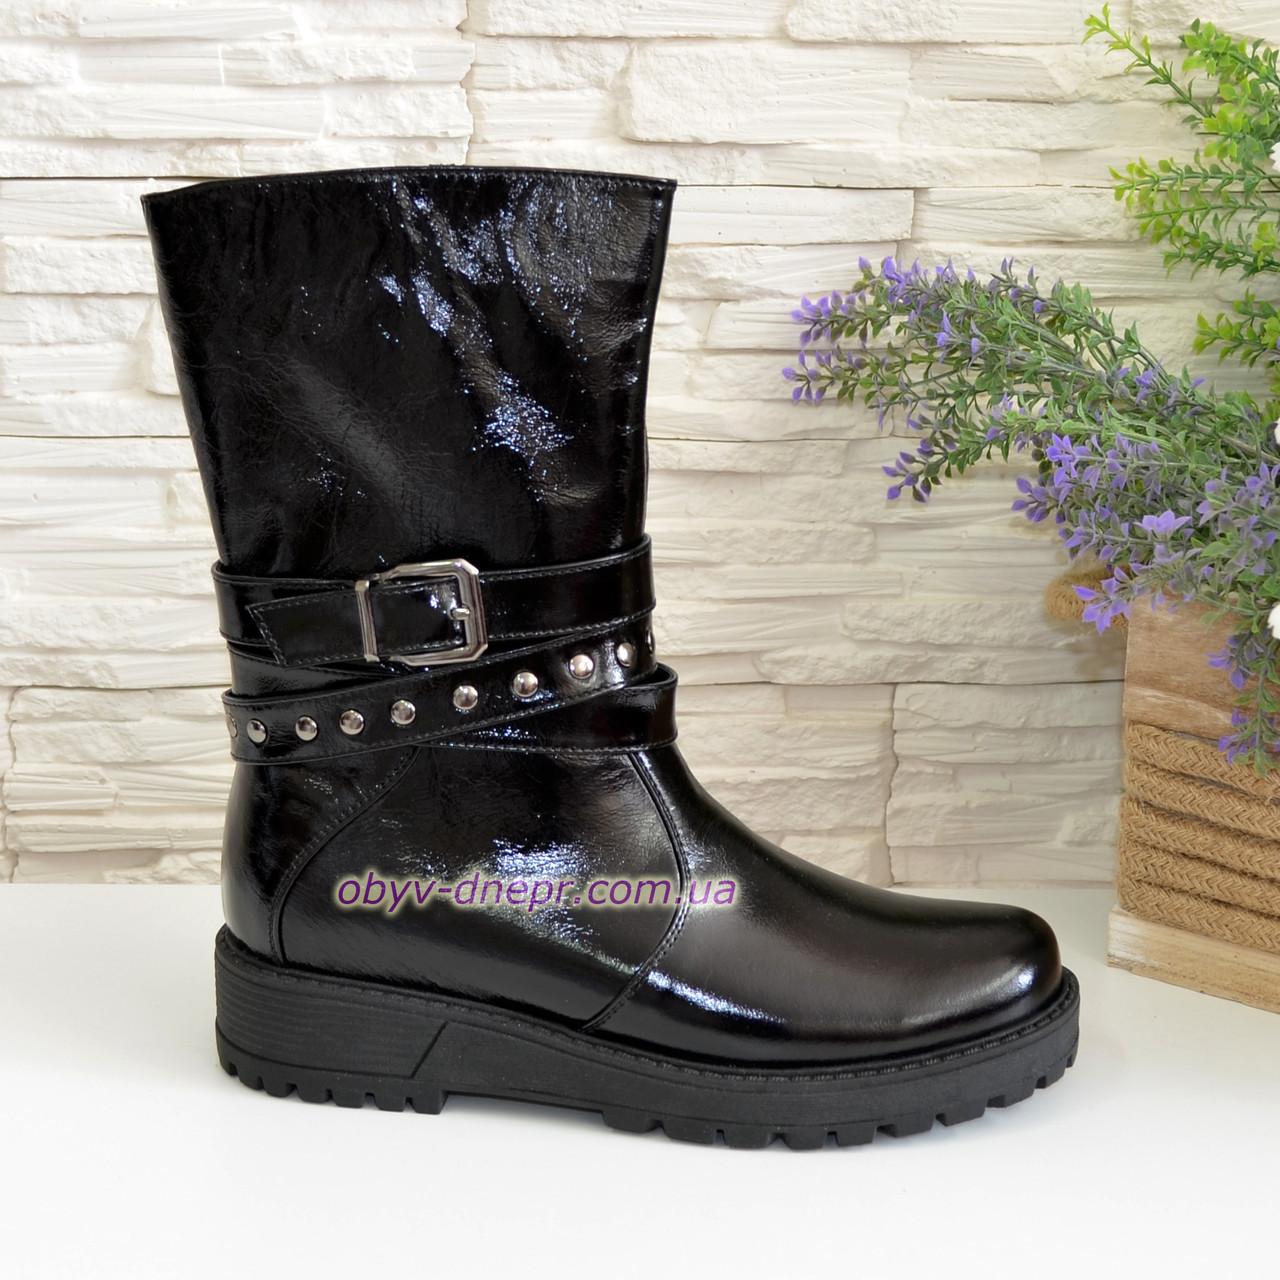 Ботинки лаковые женские зимние на утолщенной подошве, фото 1